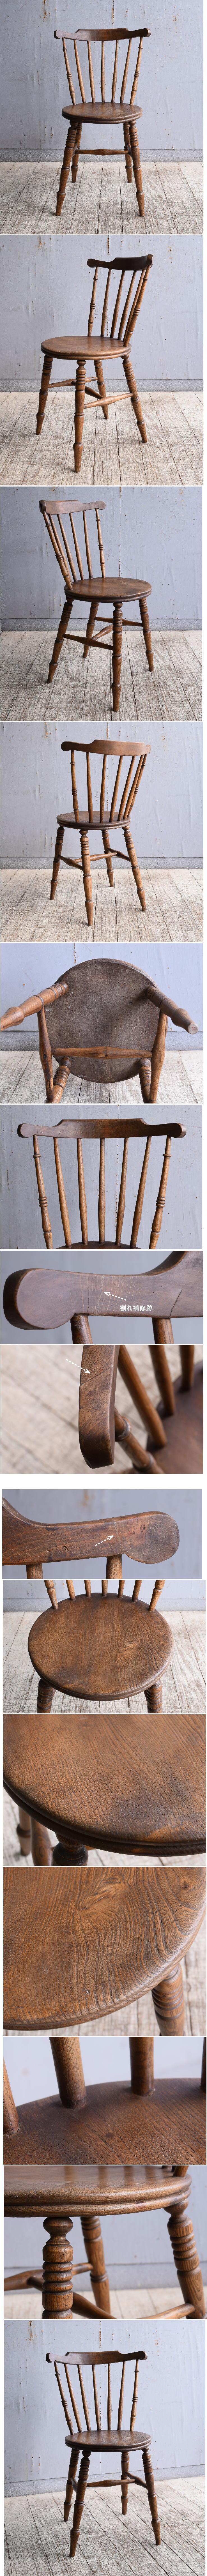 イギリス アンティーク家具 キッチンチェア 椅子 10350